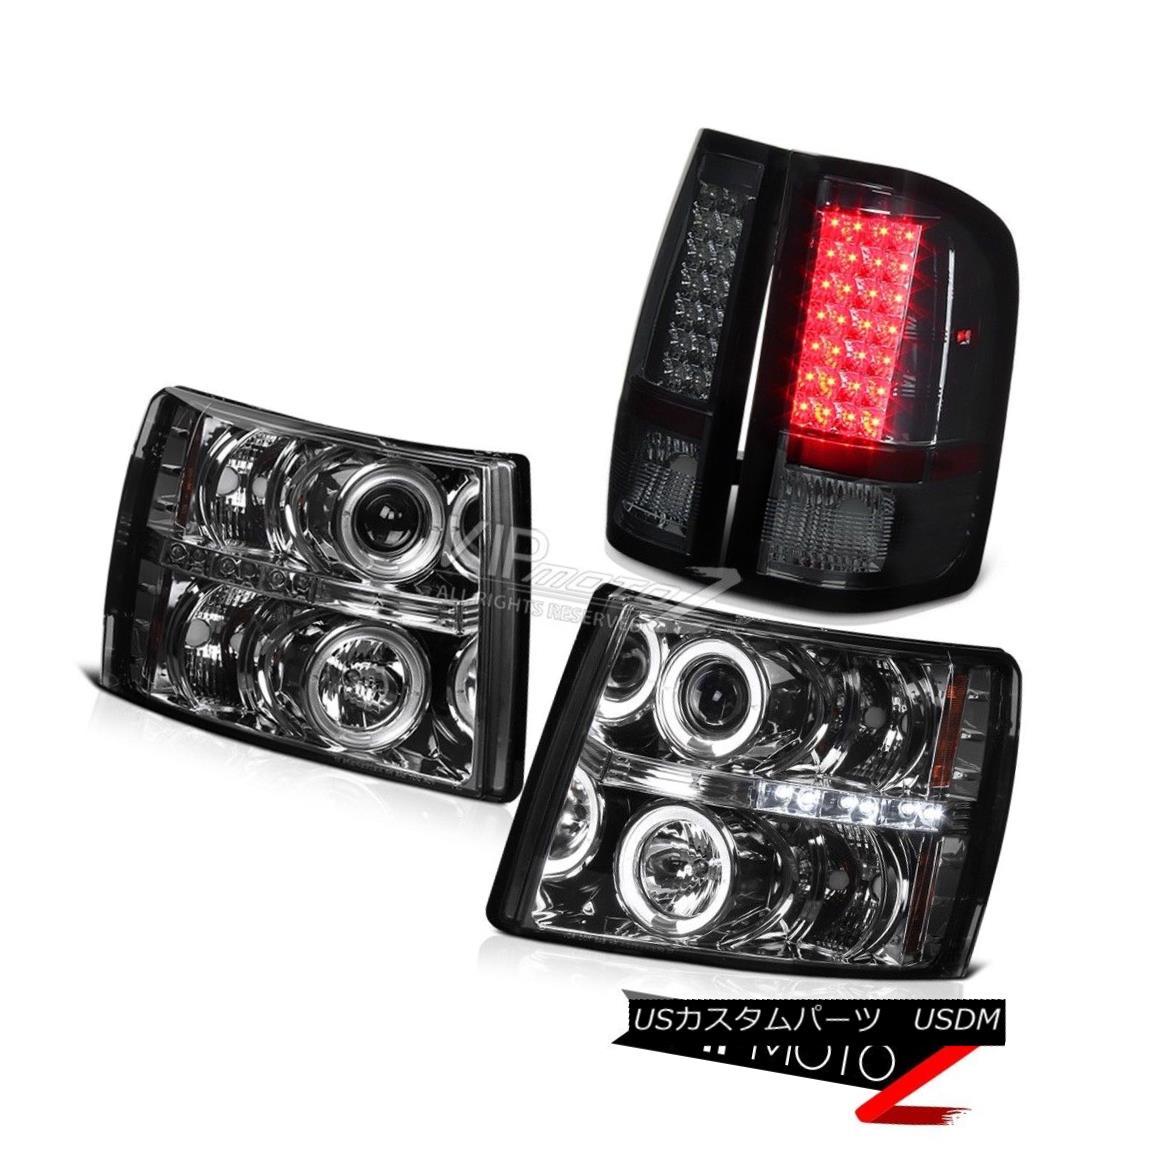 テールライト 4PC Chevy Silverado 2007-2014 GMT Smoke Projector Headlight LED Halo Tail Lamp 4PC Chevy Silverado 2007-2014 GMT煙プロジェクターヘッドライトLED Haloテールランプ